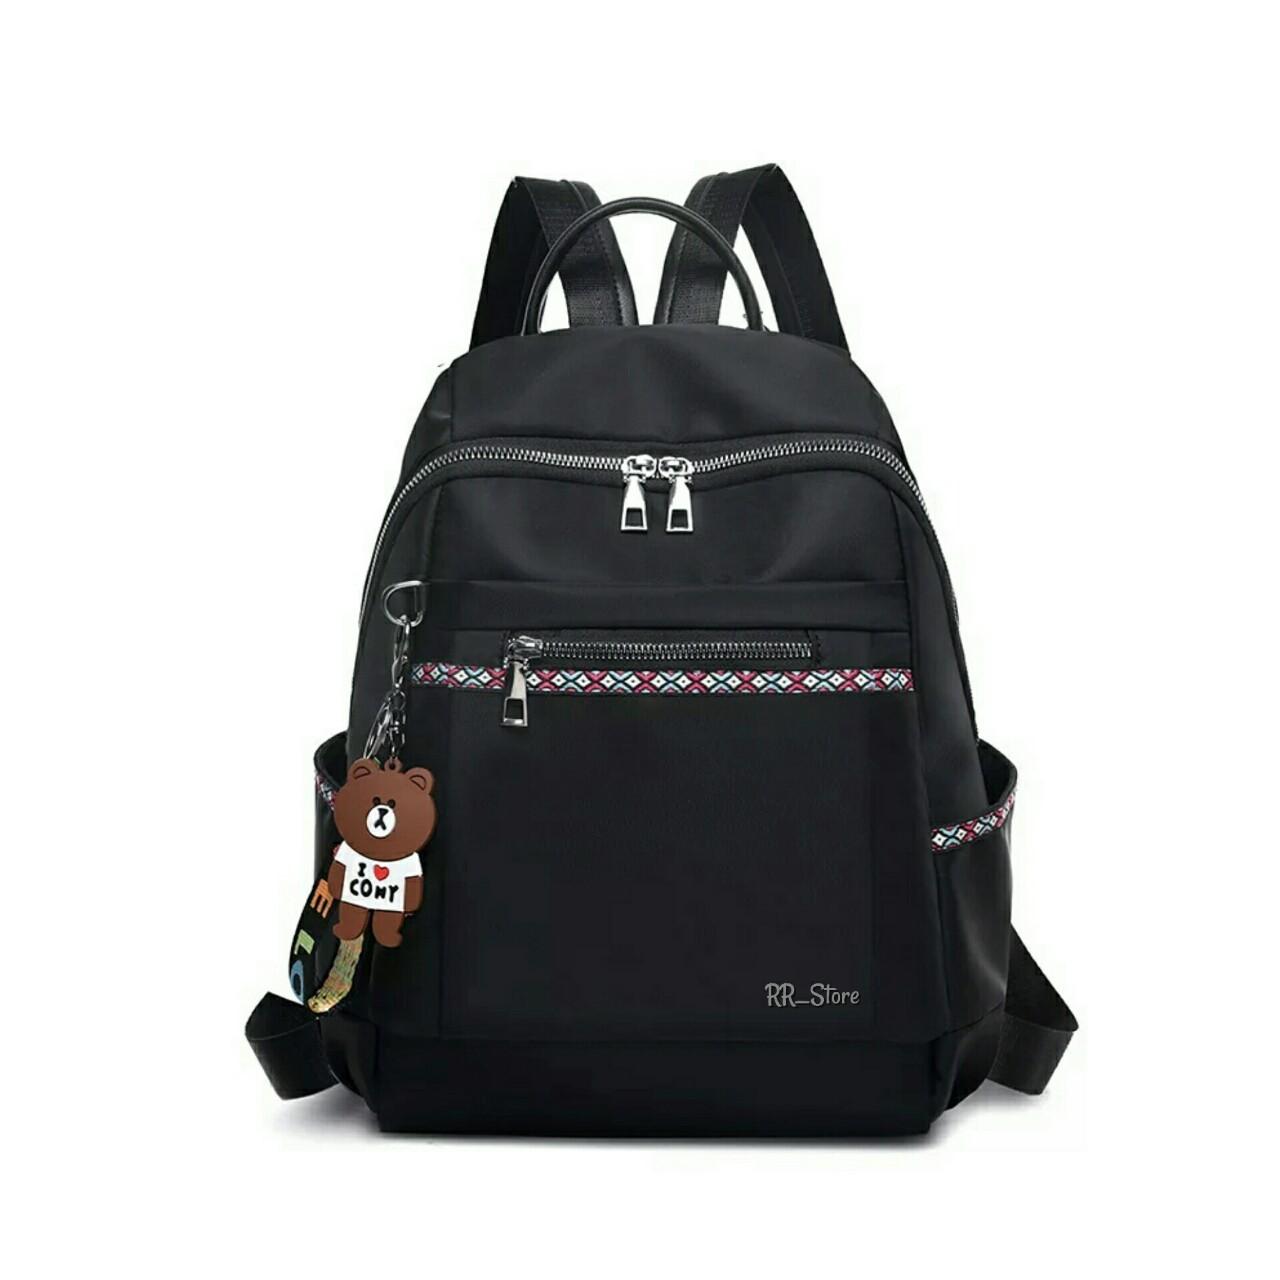 jc_jay collection tas ransel wanita tas ransel fashion tas ransel wanita  korean style occan free gantungan